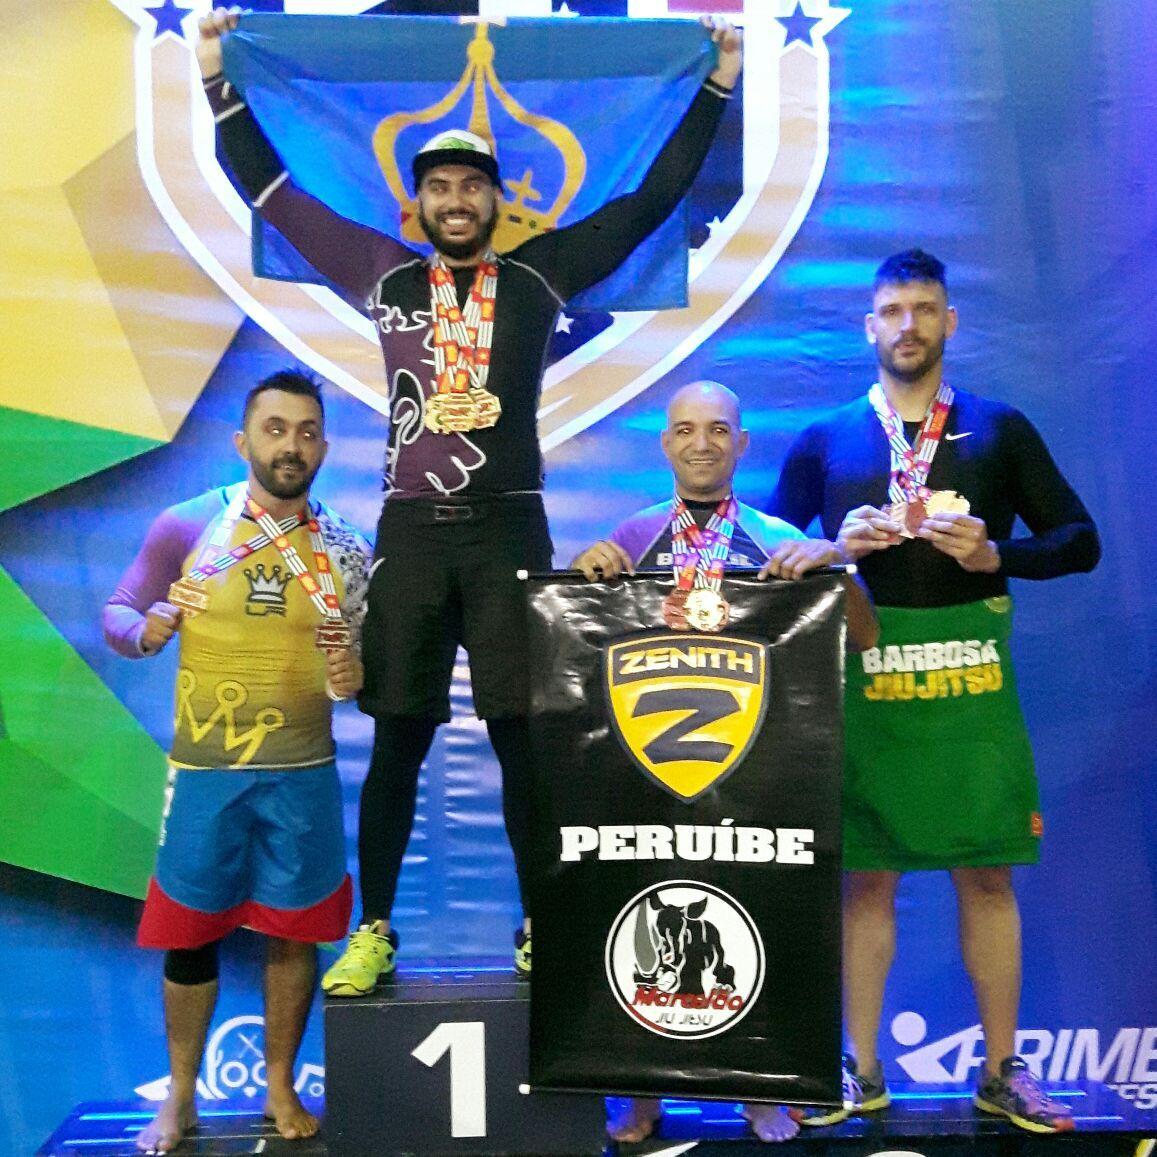 Atleta de Ilhabela conquista ouro em Campeonato de Jiu Jitsu